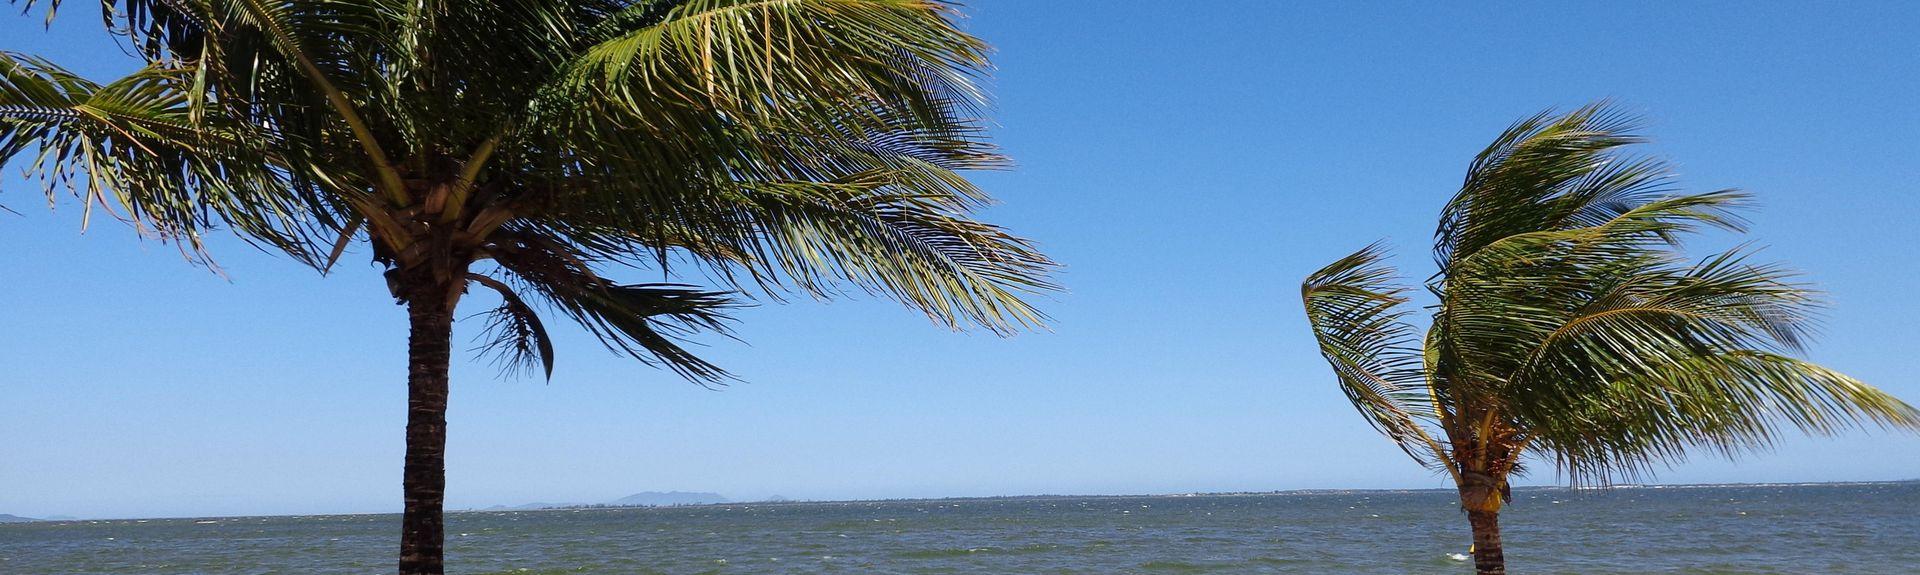 Iguabinha, Araruama, Southeast Region, Brazil